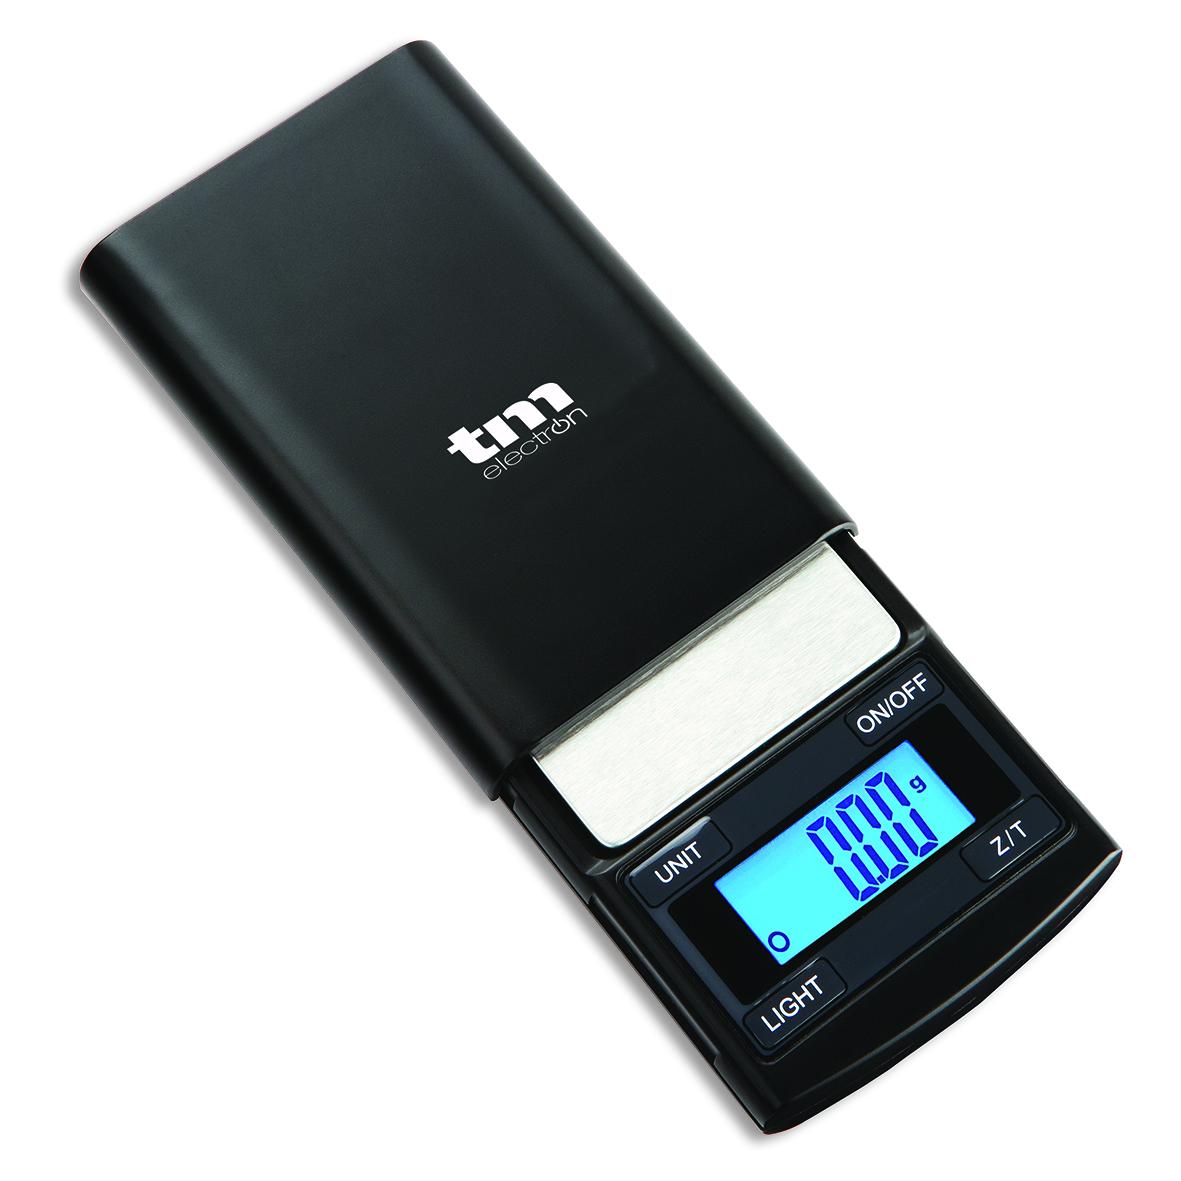 Báscula digital precisión TMPBS002